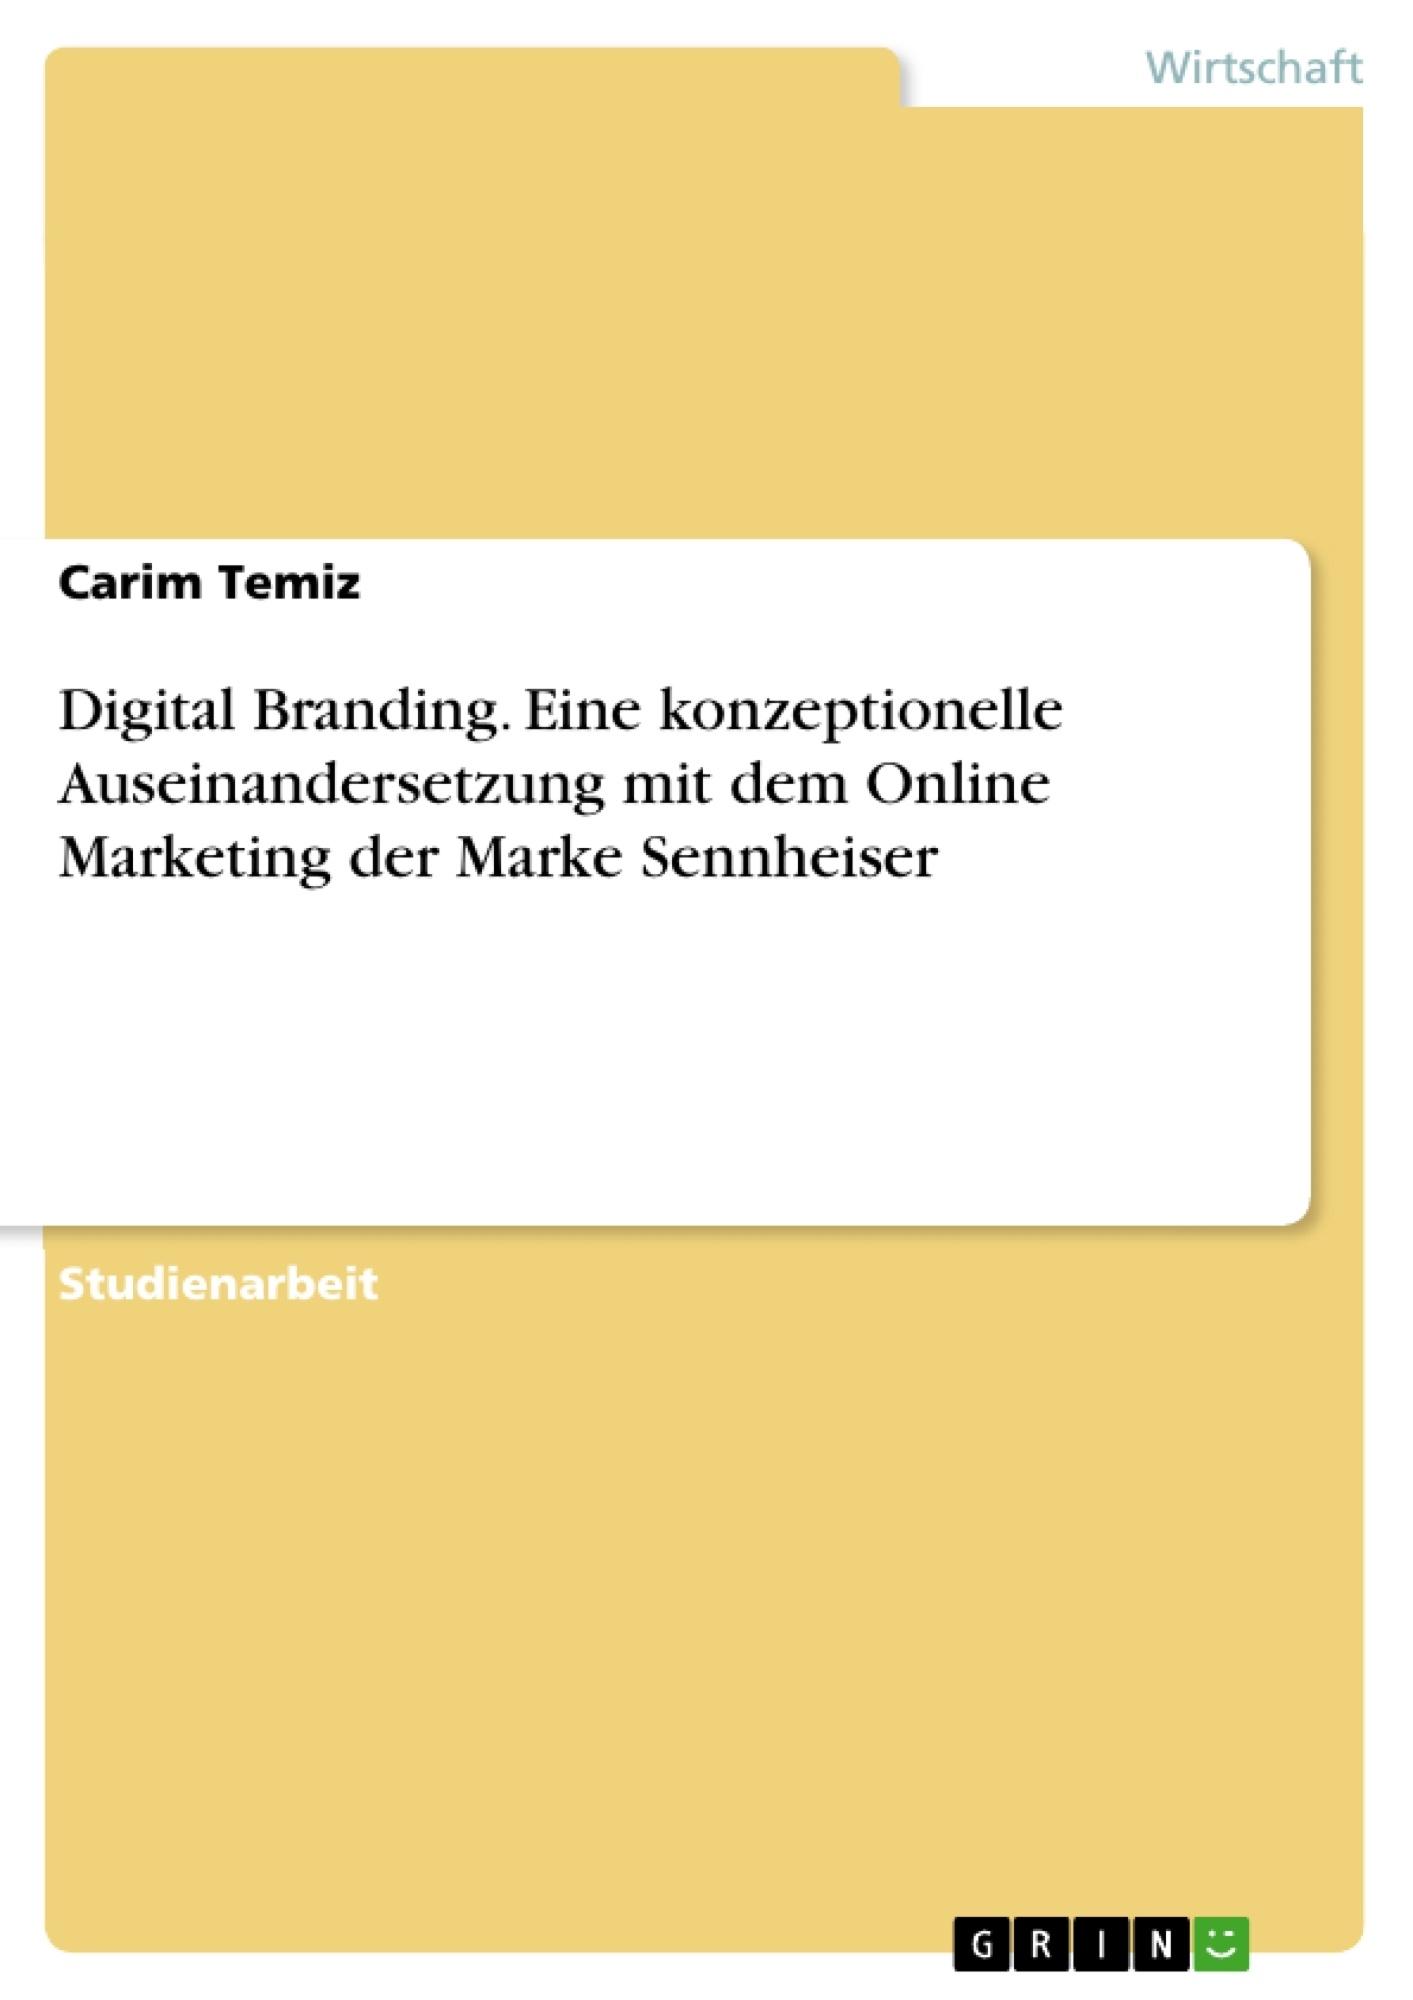 Titel: Digital Branding. Eine konzeptionelle Auseinandersetzung mit dem Online Marketing der Marke Sennheiser